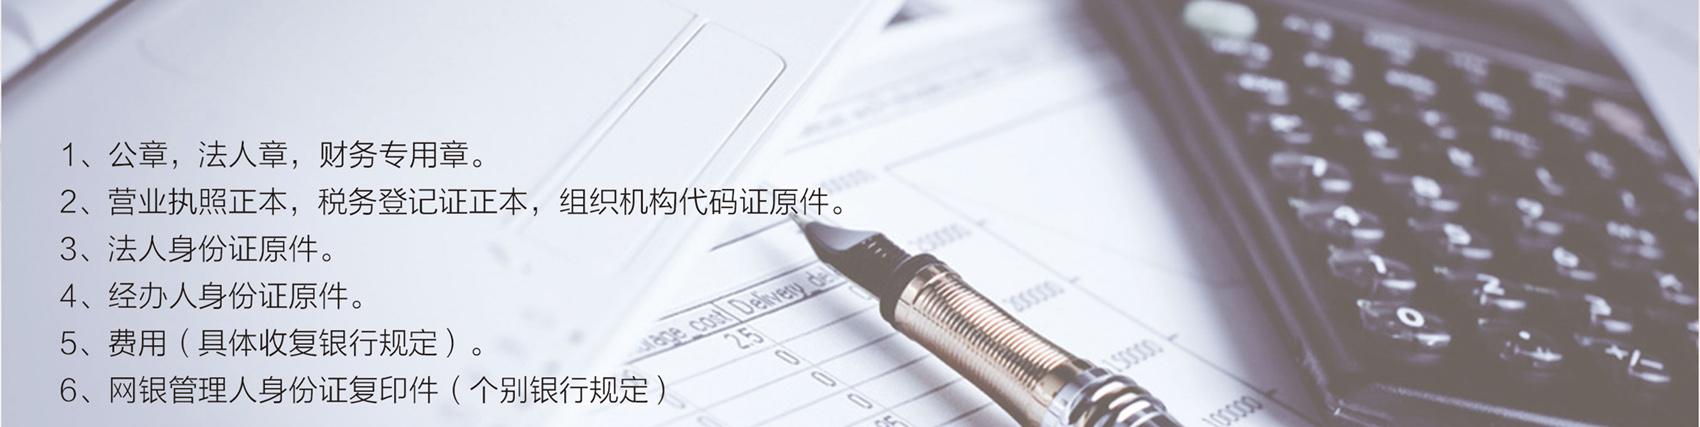 银行开户_08.jpg